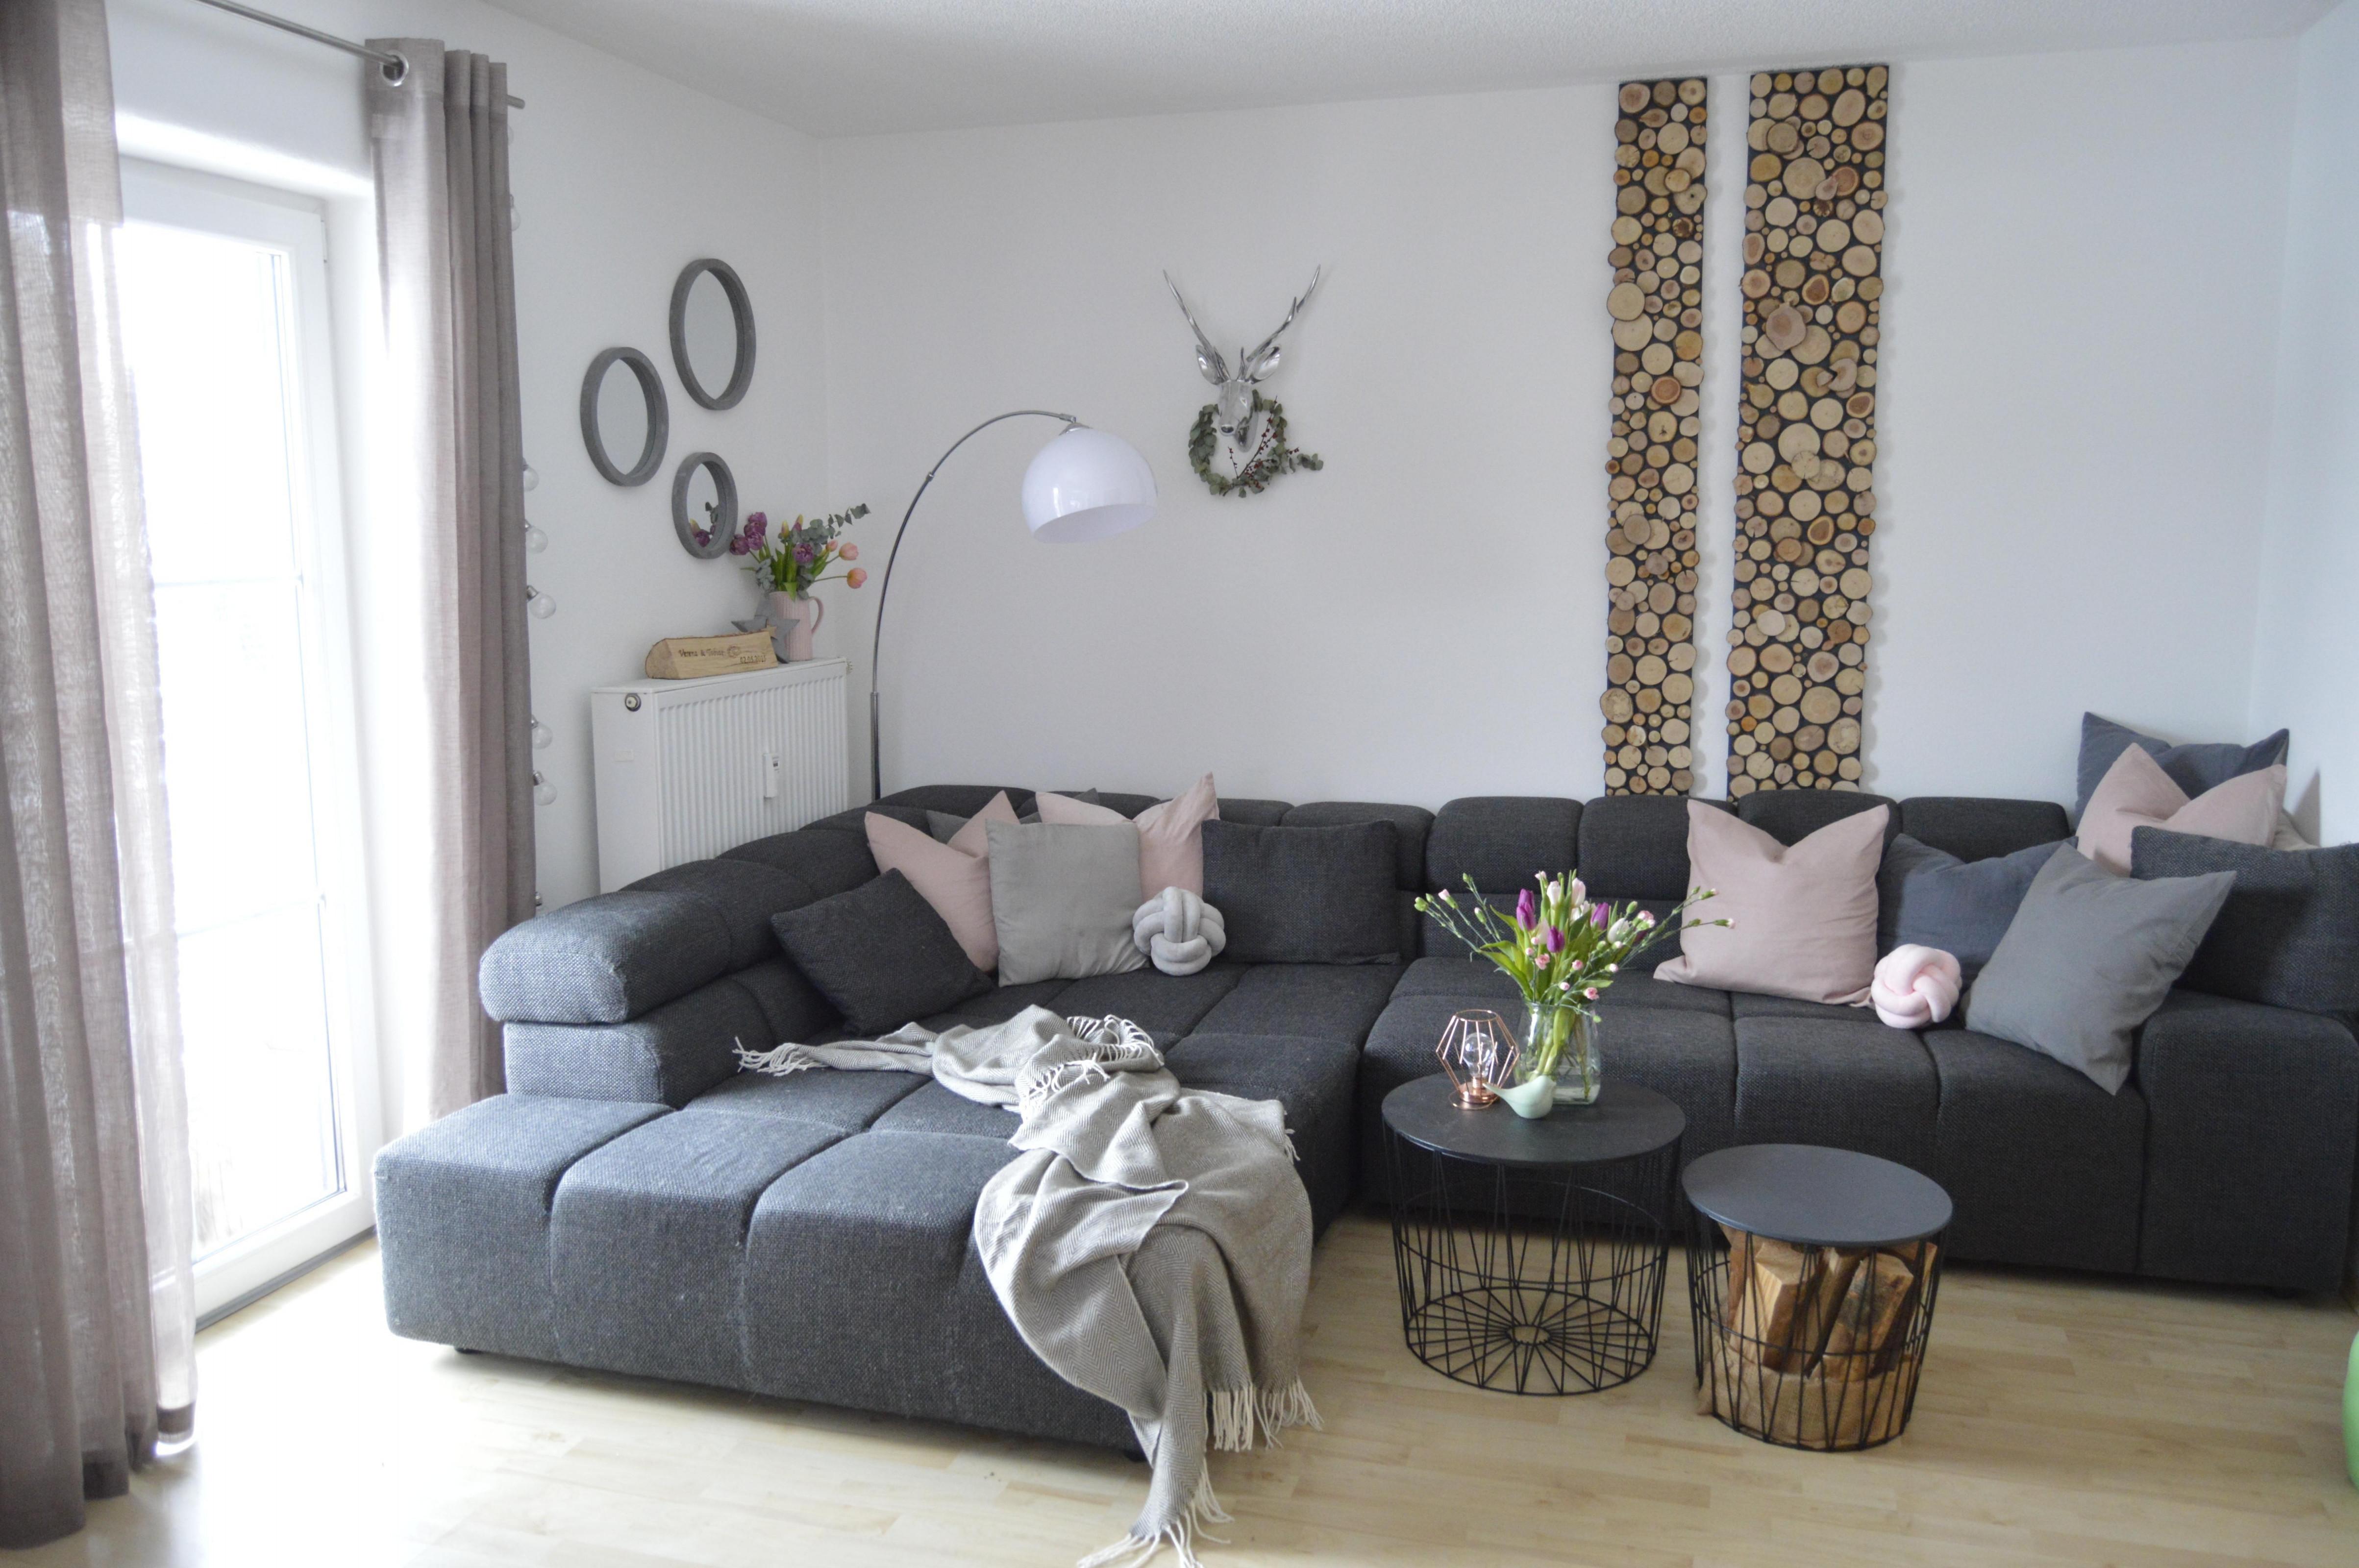 Holzwand Finde Gemütliche Ideen Mit Charme Bei Couch von Wohnzimmer Holz Deko Photo